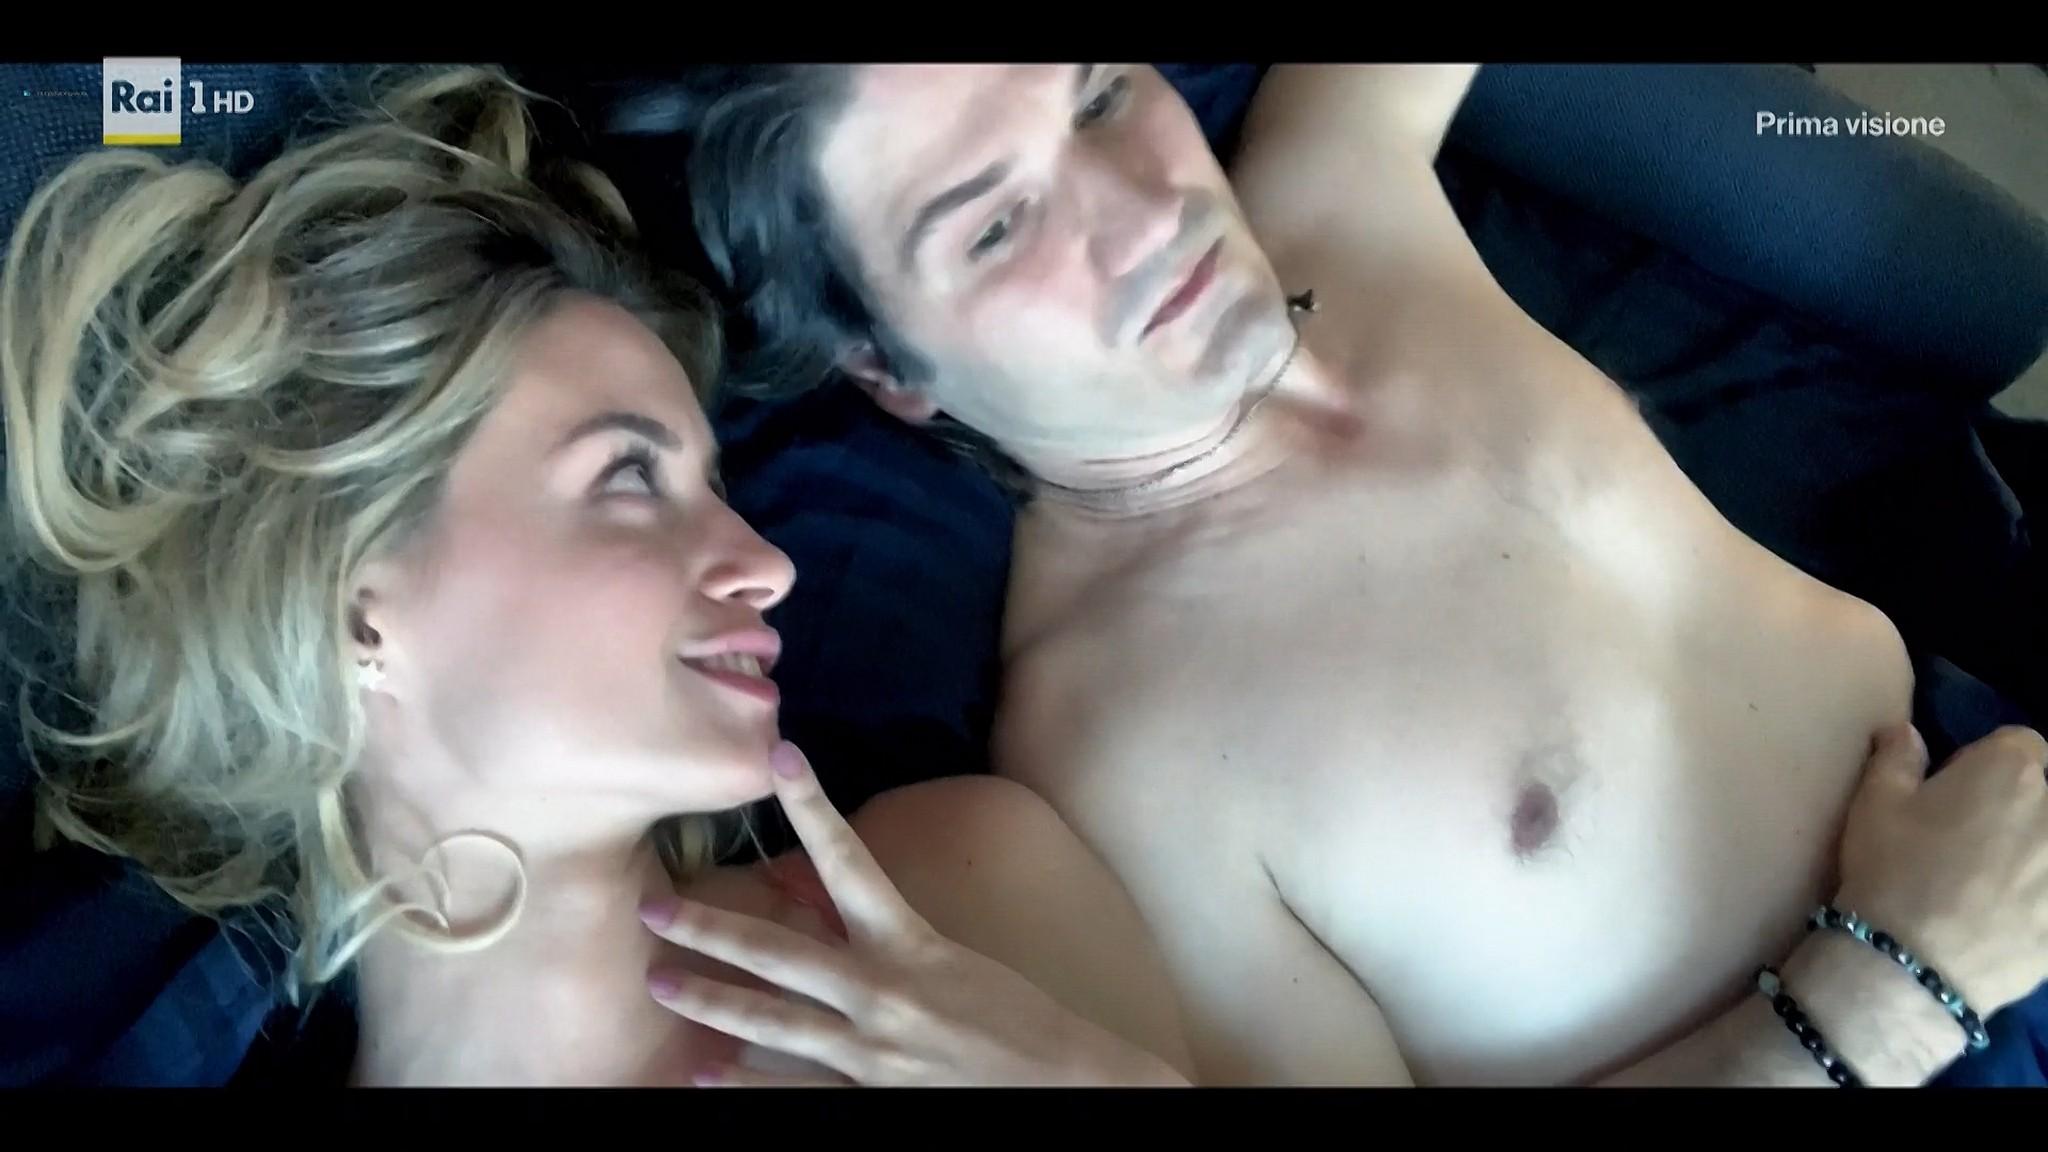 Cristiana Capotondi nude and sex Giulia Arena Elena Radonicich sexy Bella Da Morire IT 2020 s1e 1 4 HDTV 1080p 9